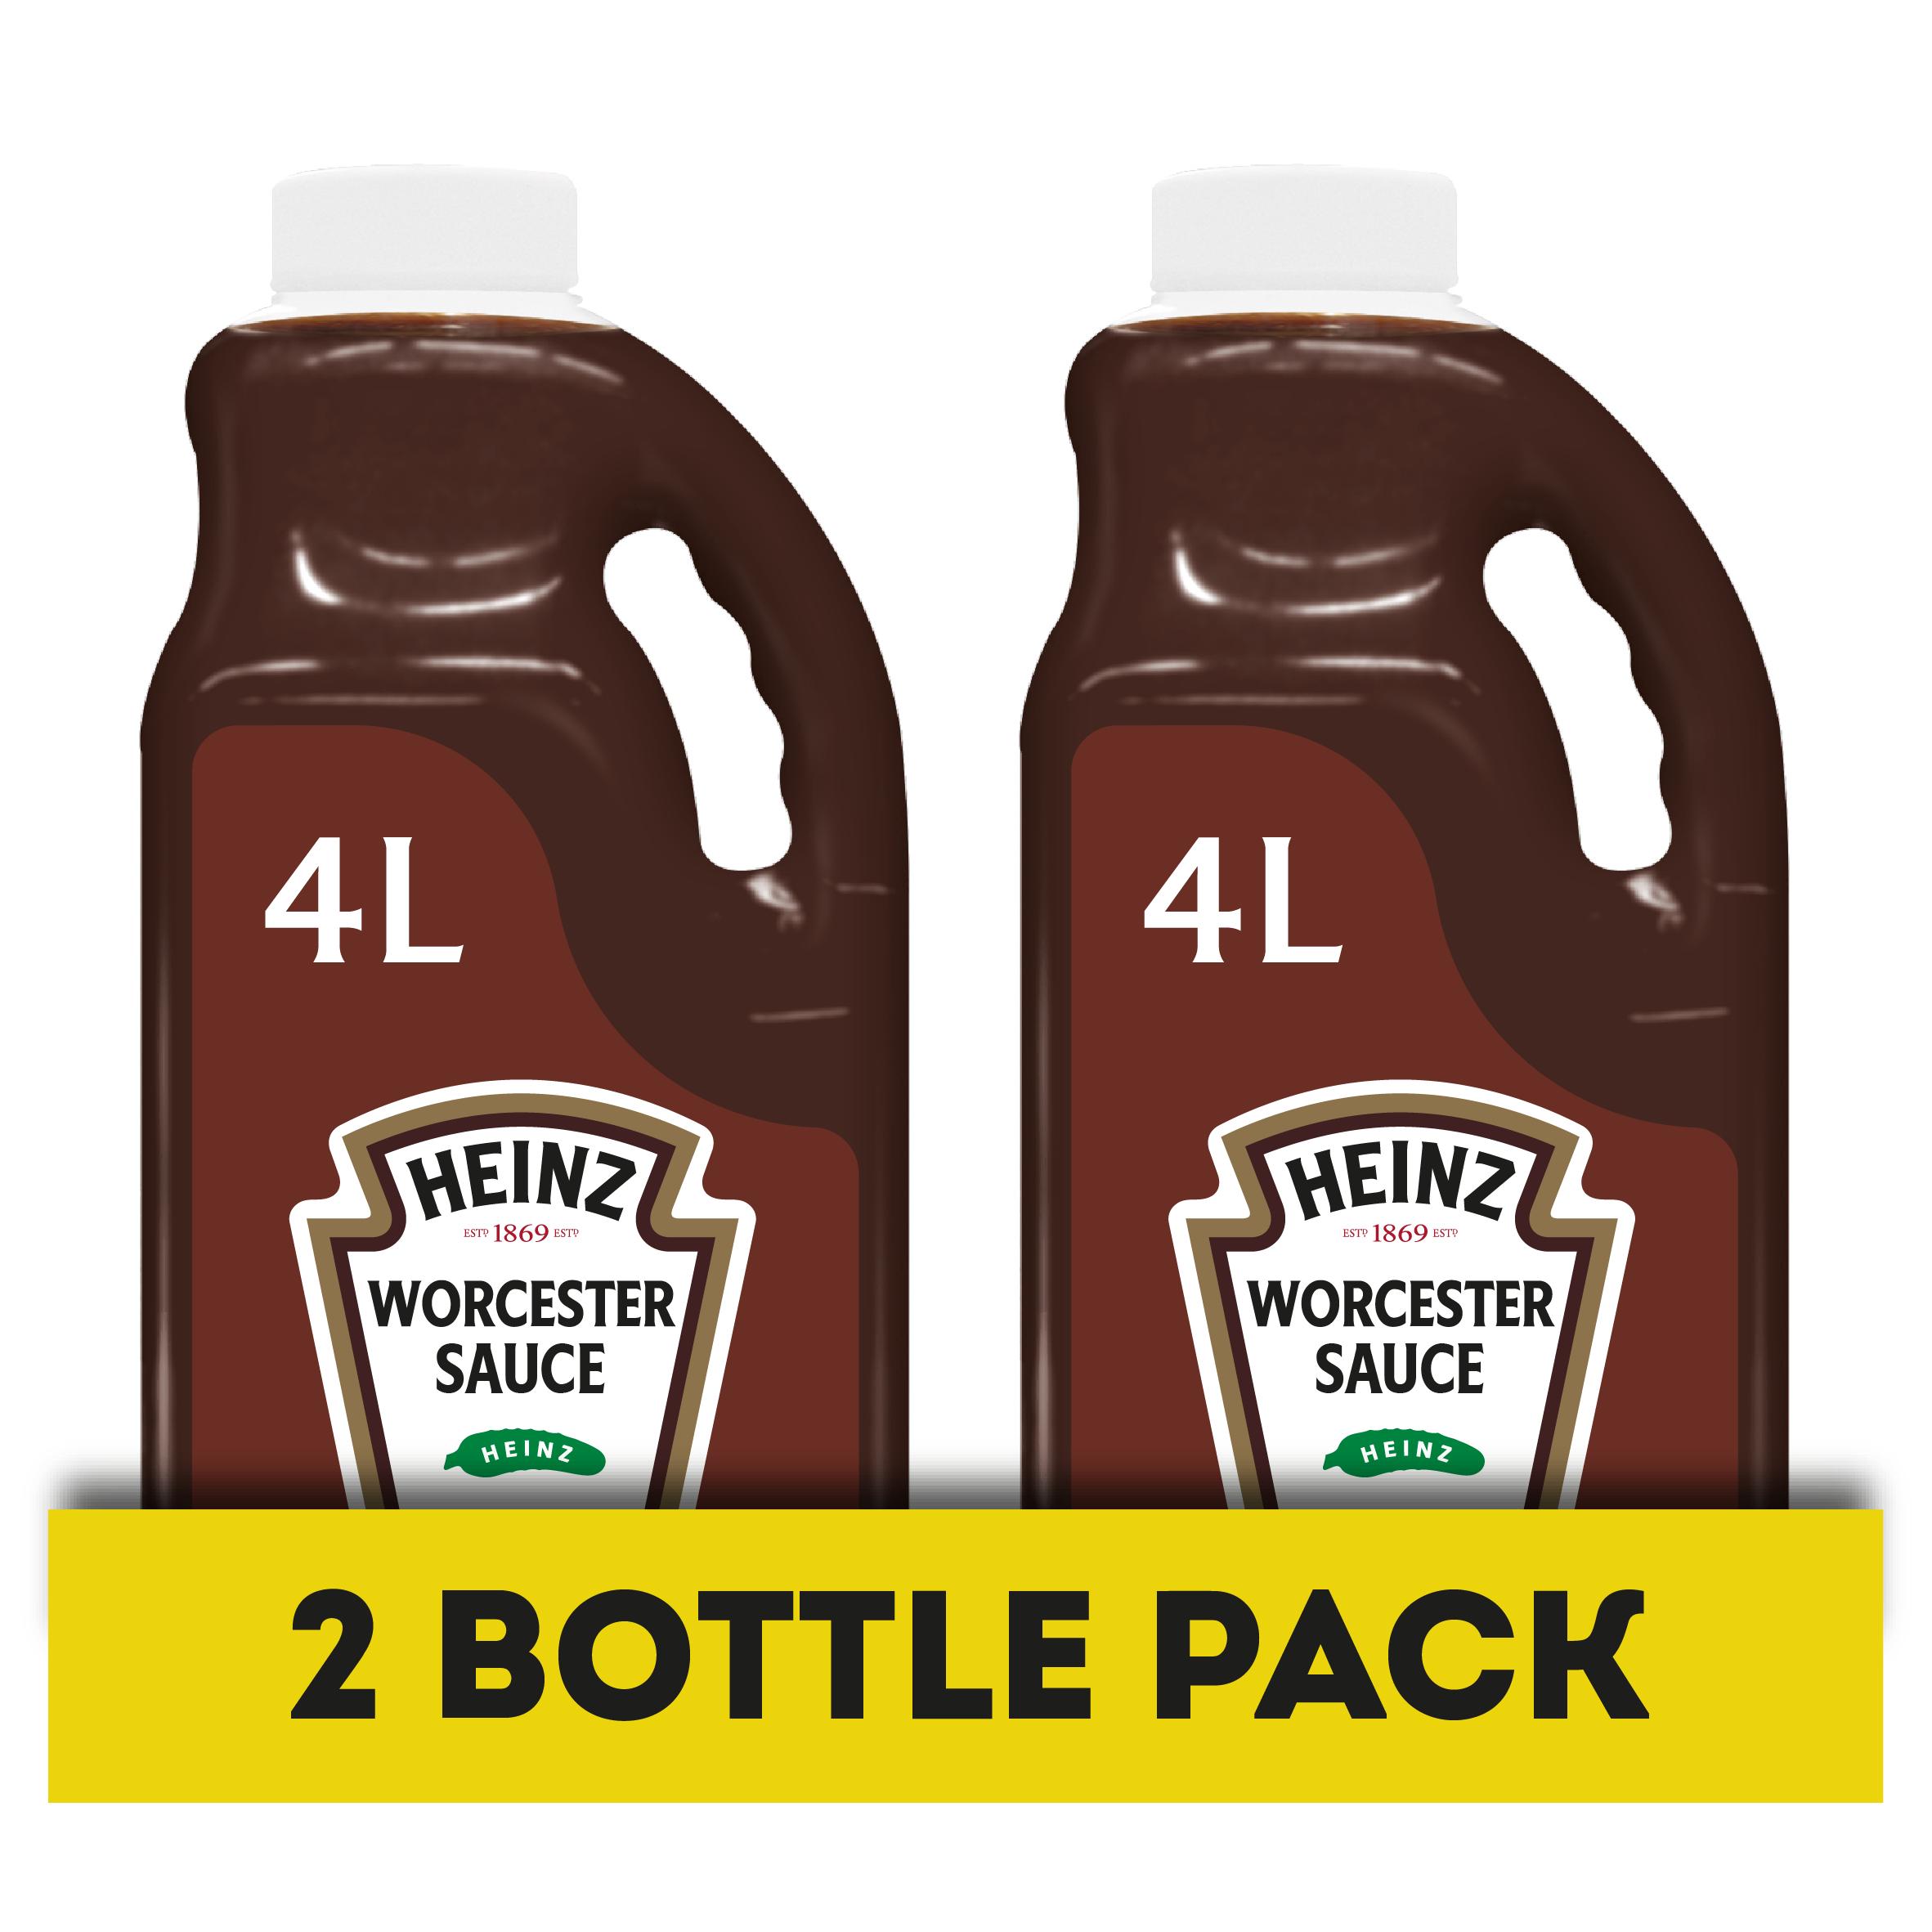 Heinz Worcester Sauce 4000ml image